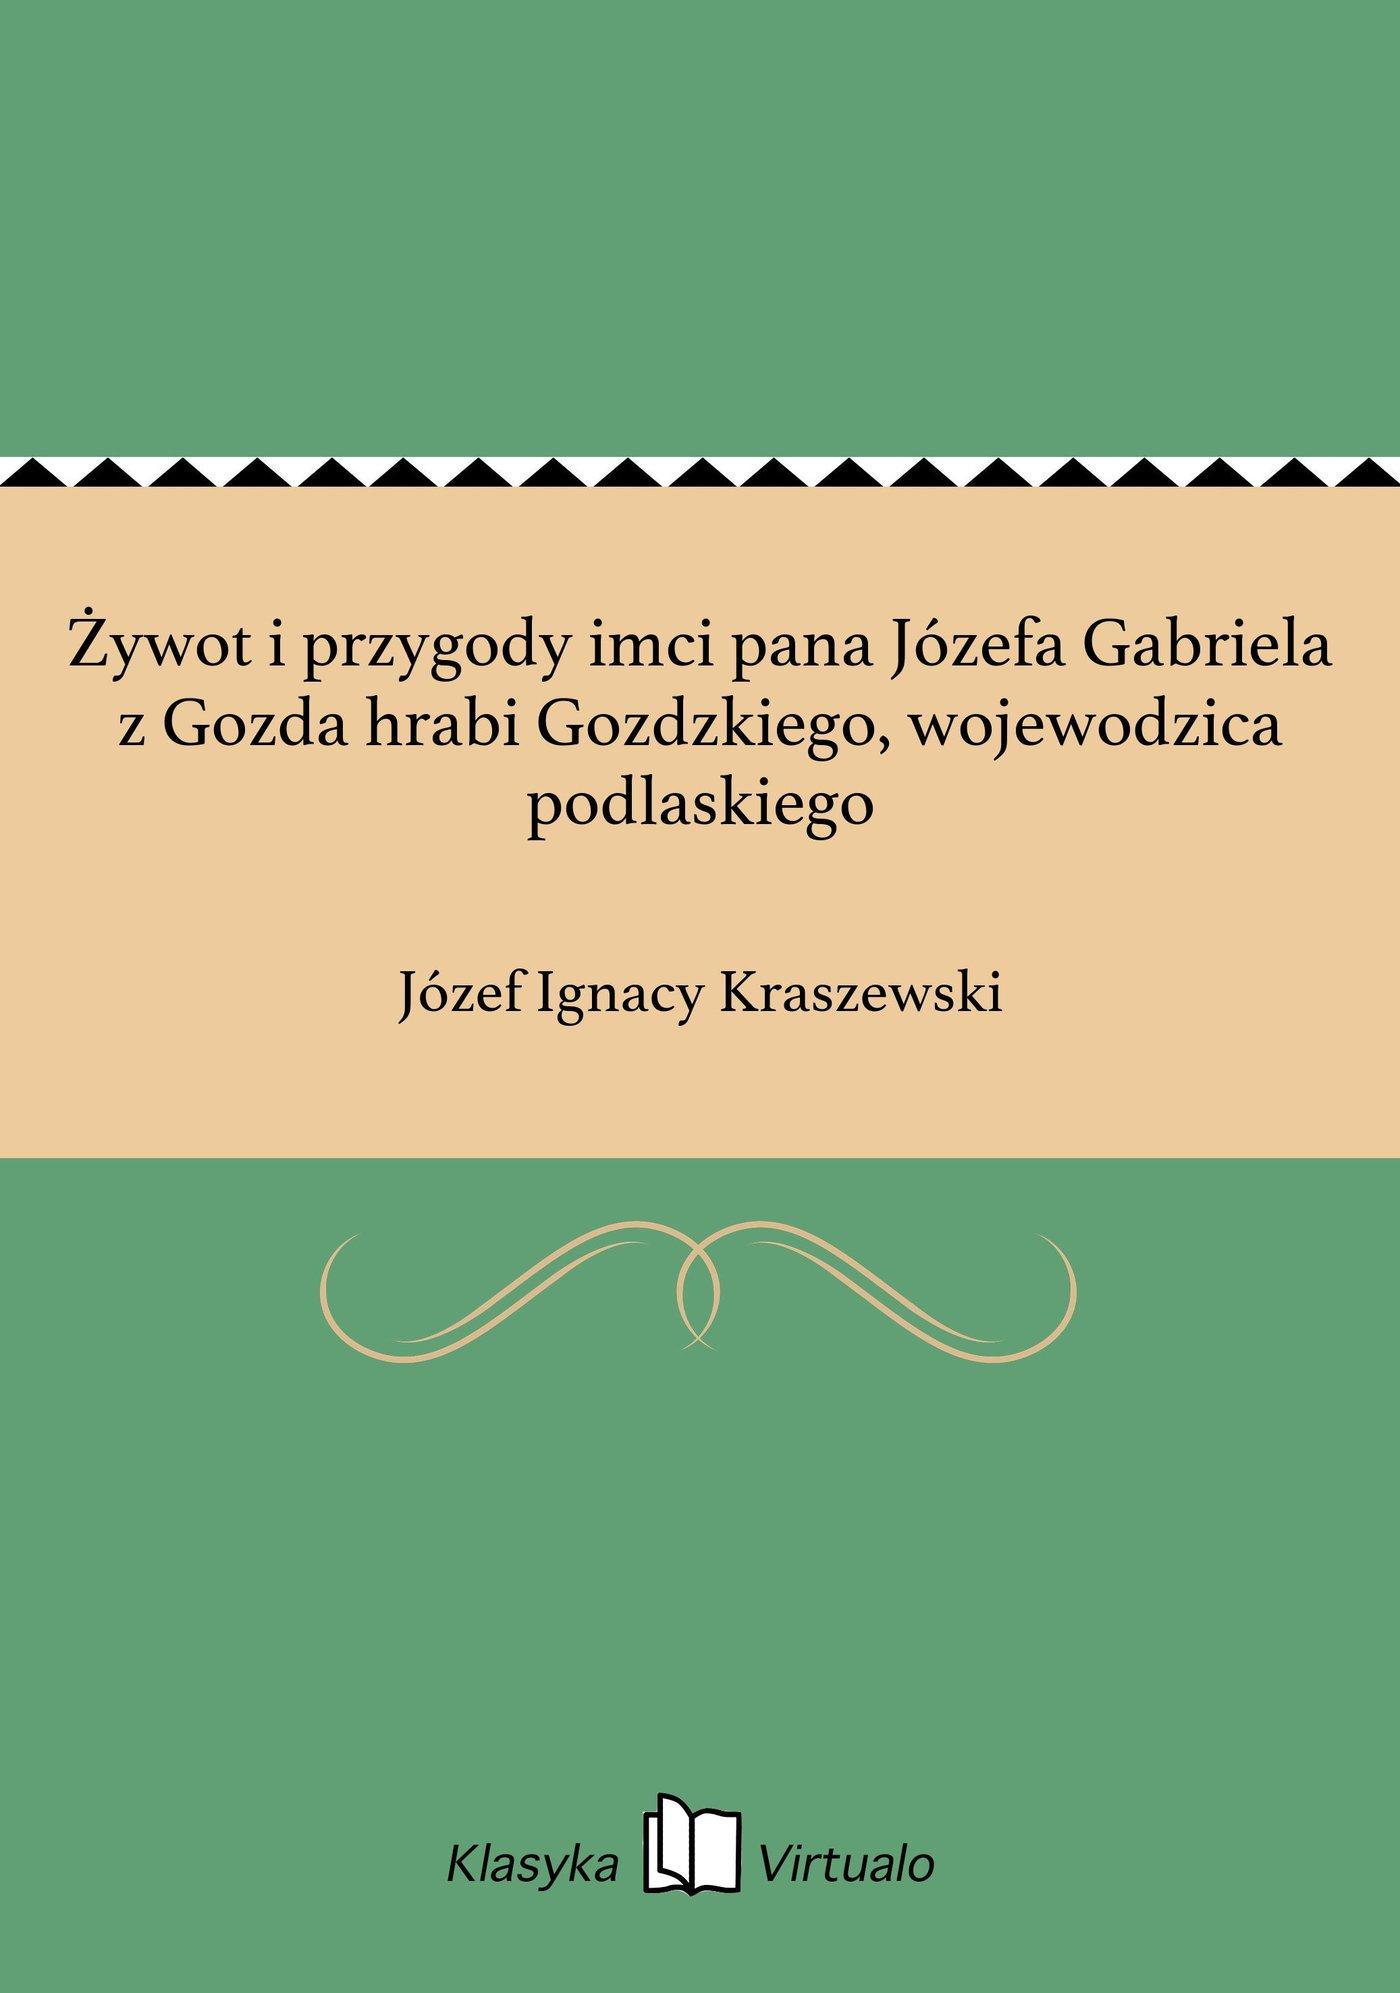 Żywot i przygody imci pana Józefa Gabriela z Gozda hrabi Gozdzkiego, wojewodzica podlaskiego - Ebook (Książka na Kindle) do pobrania w formacie MOBI